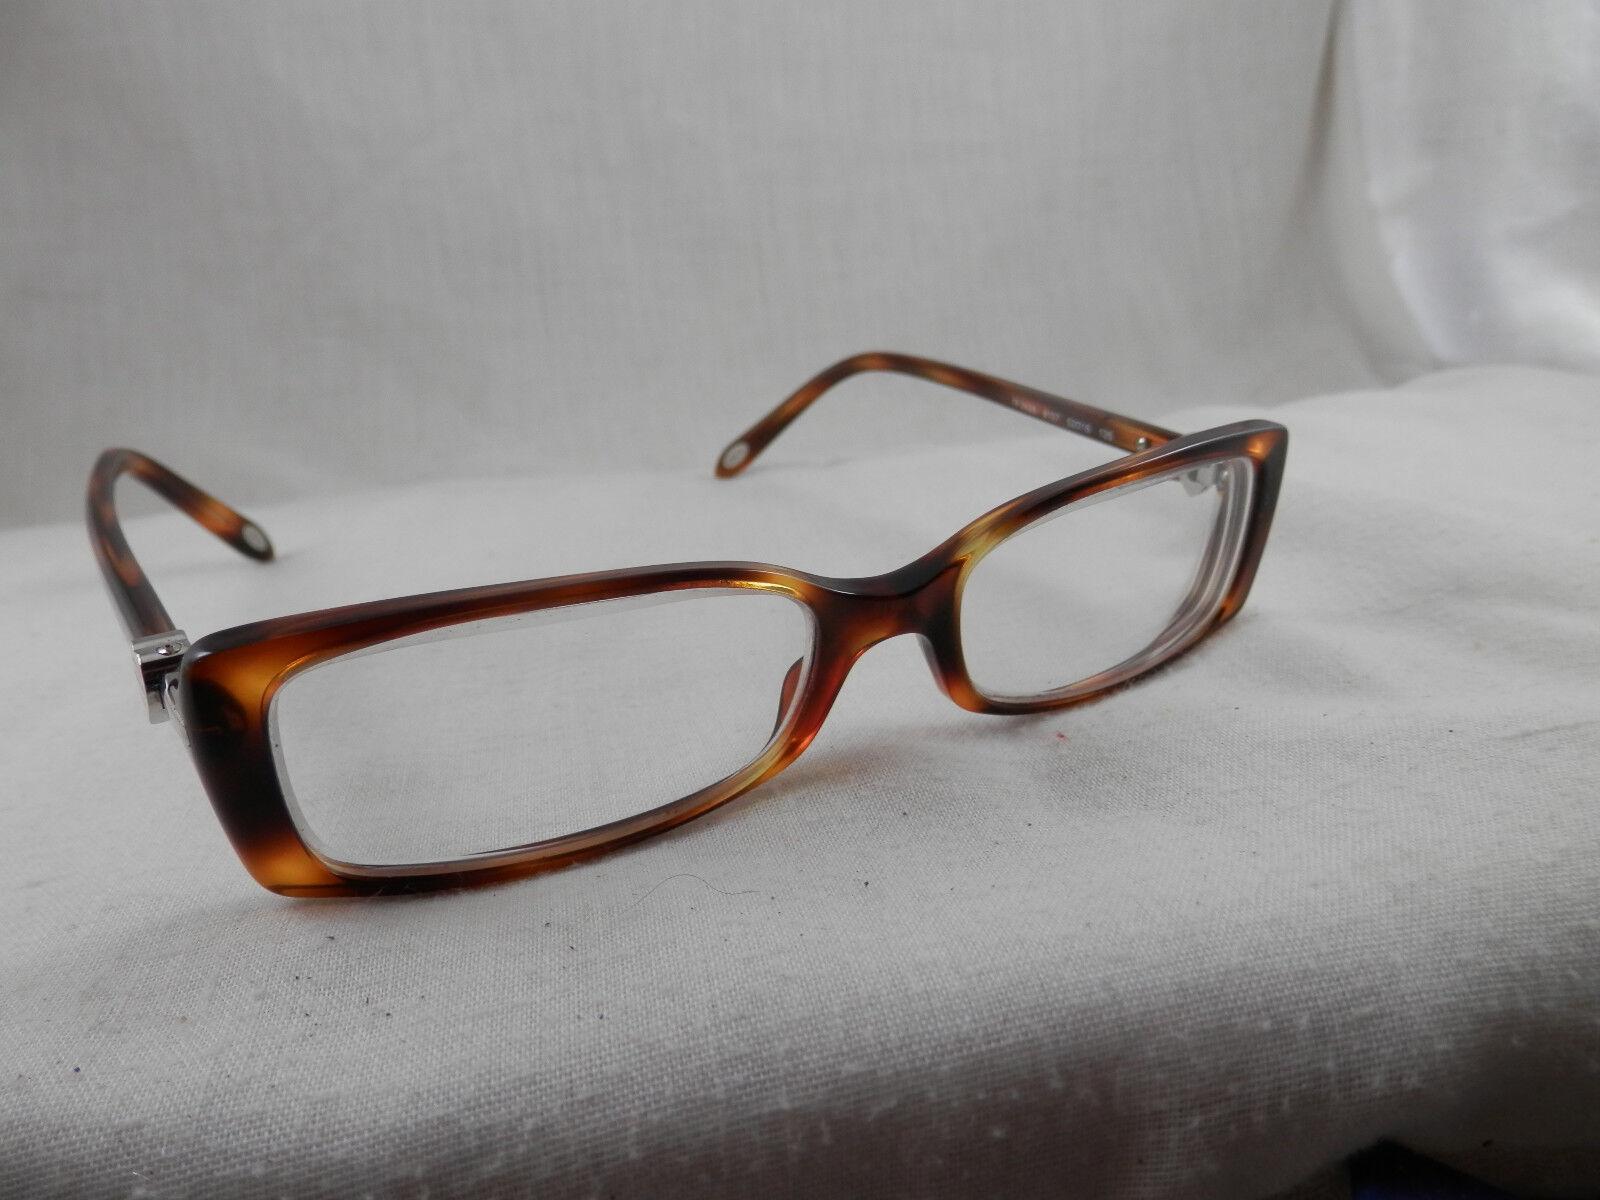 Tiffany & Co. Tf2035 8107 Eyeglass Frames Havana Italy RX Silver ...